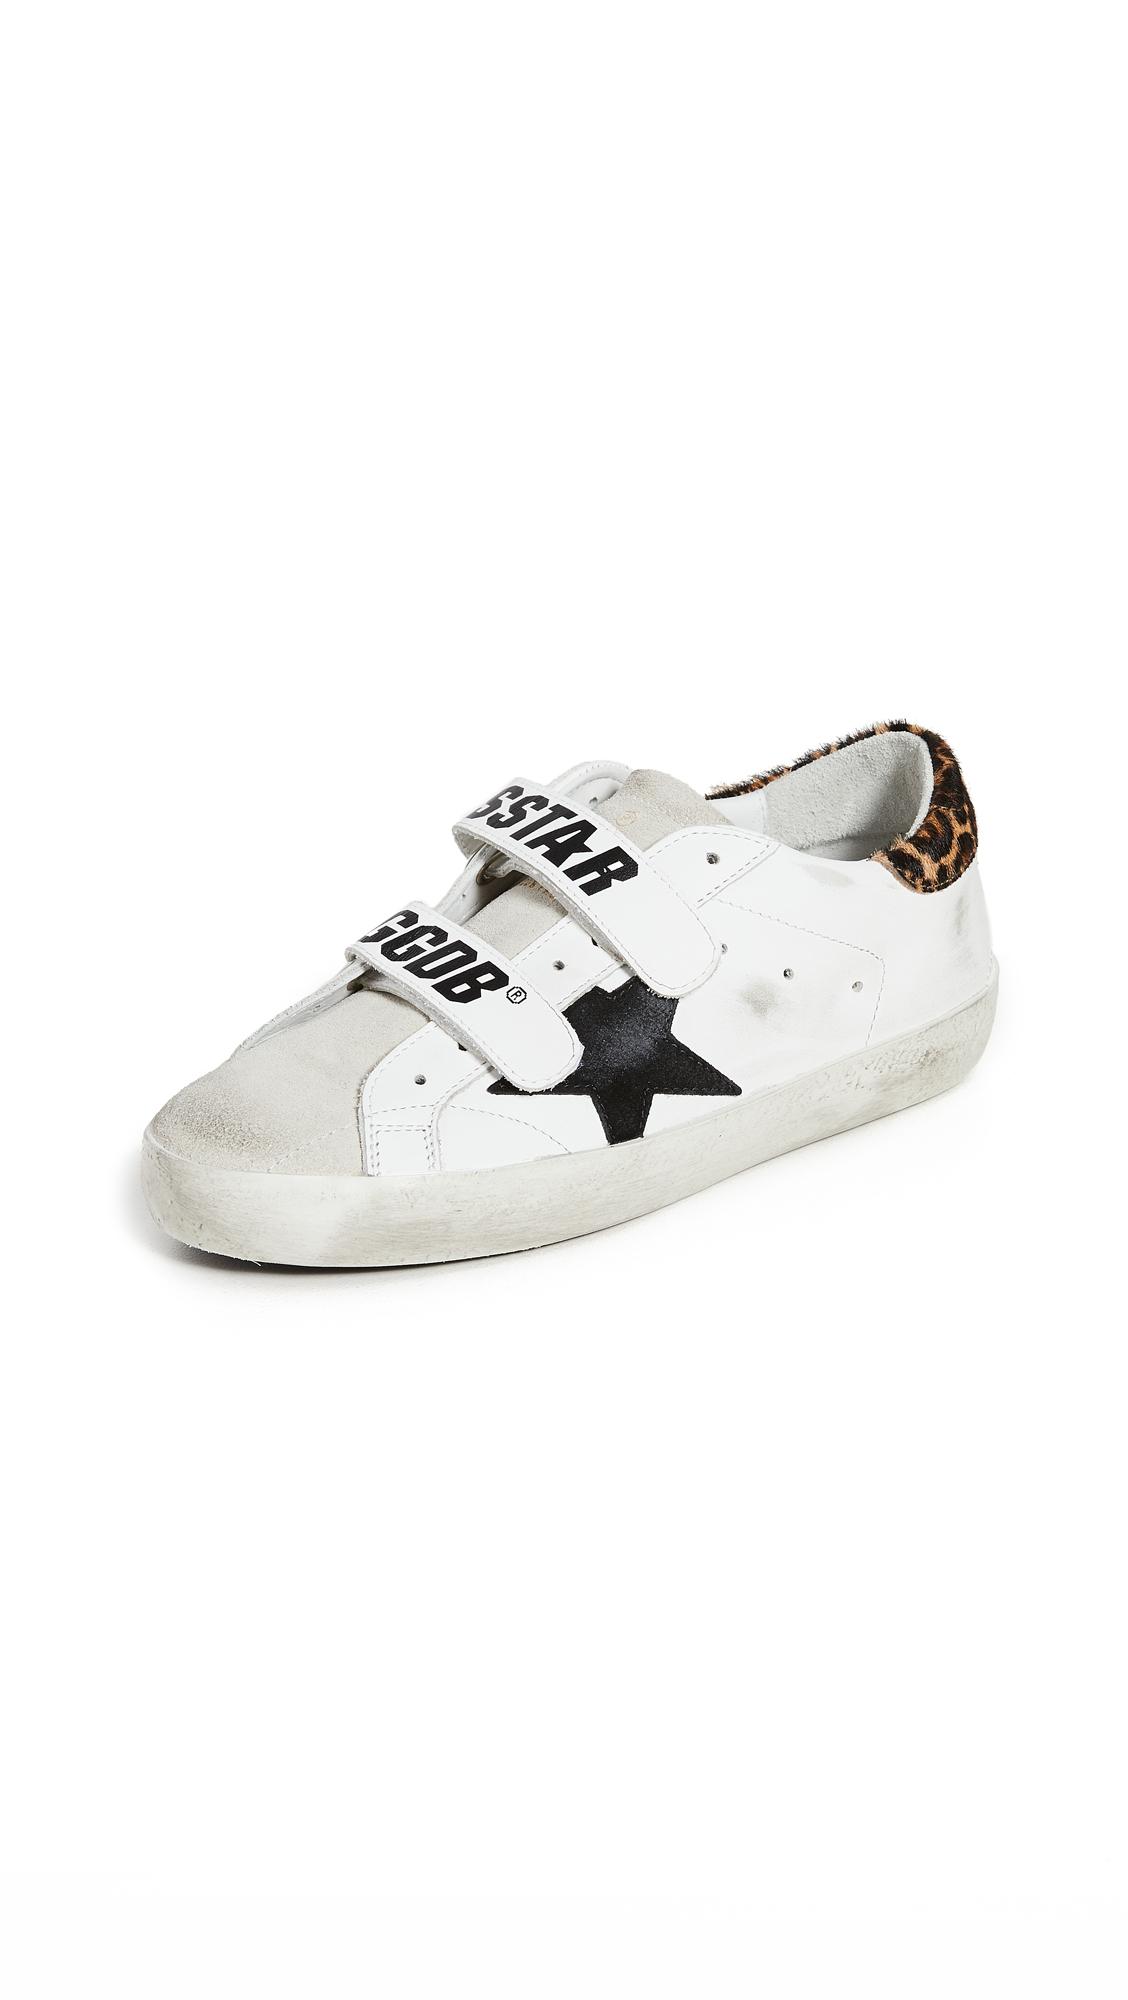 Buy Golden Goose Old School Sneakers online, shop Golden Goose